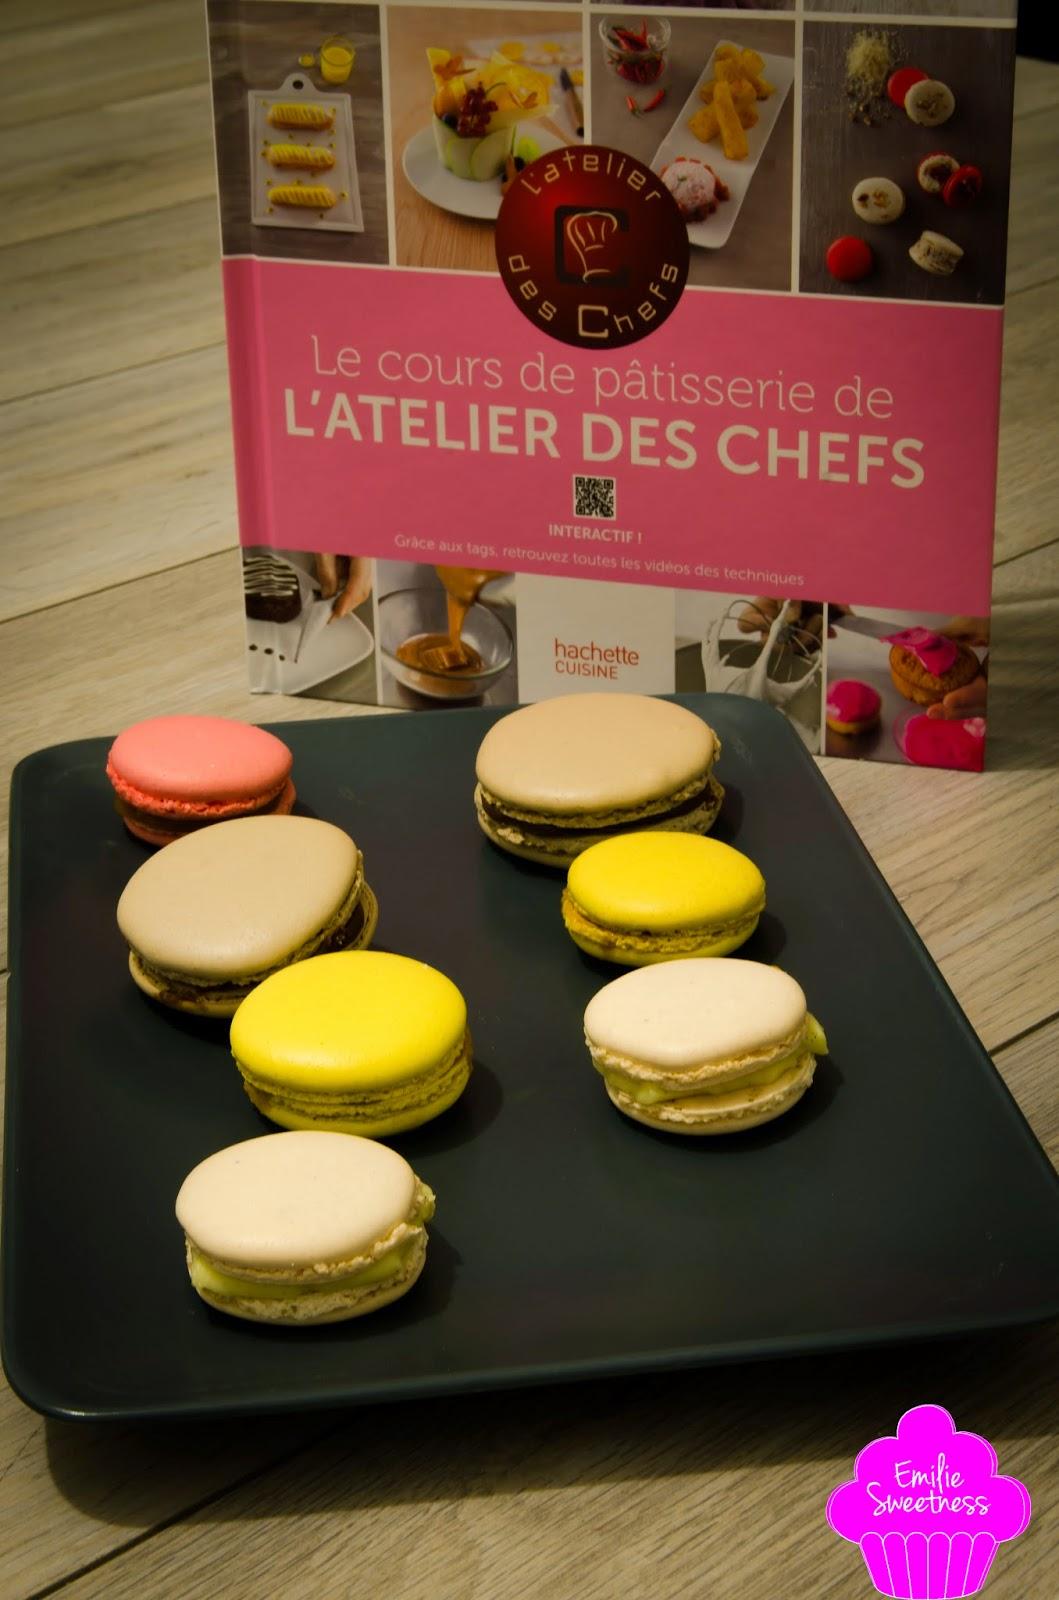 Macarons caf au sucre cuit recette cours de p tisserie - Cours de cuisine l atelier des chefs ...